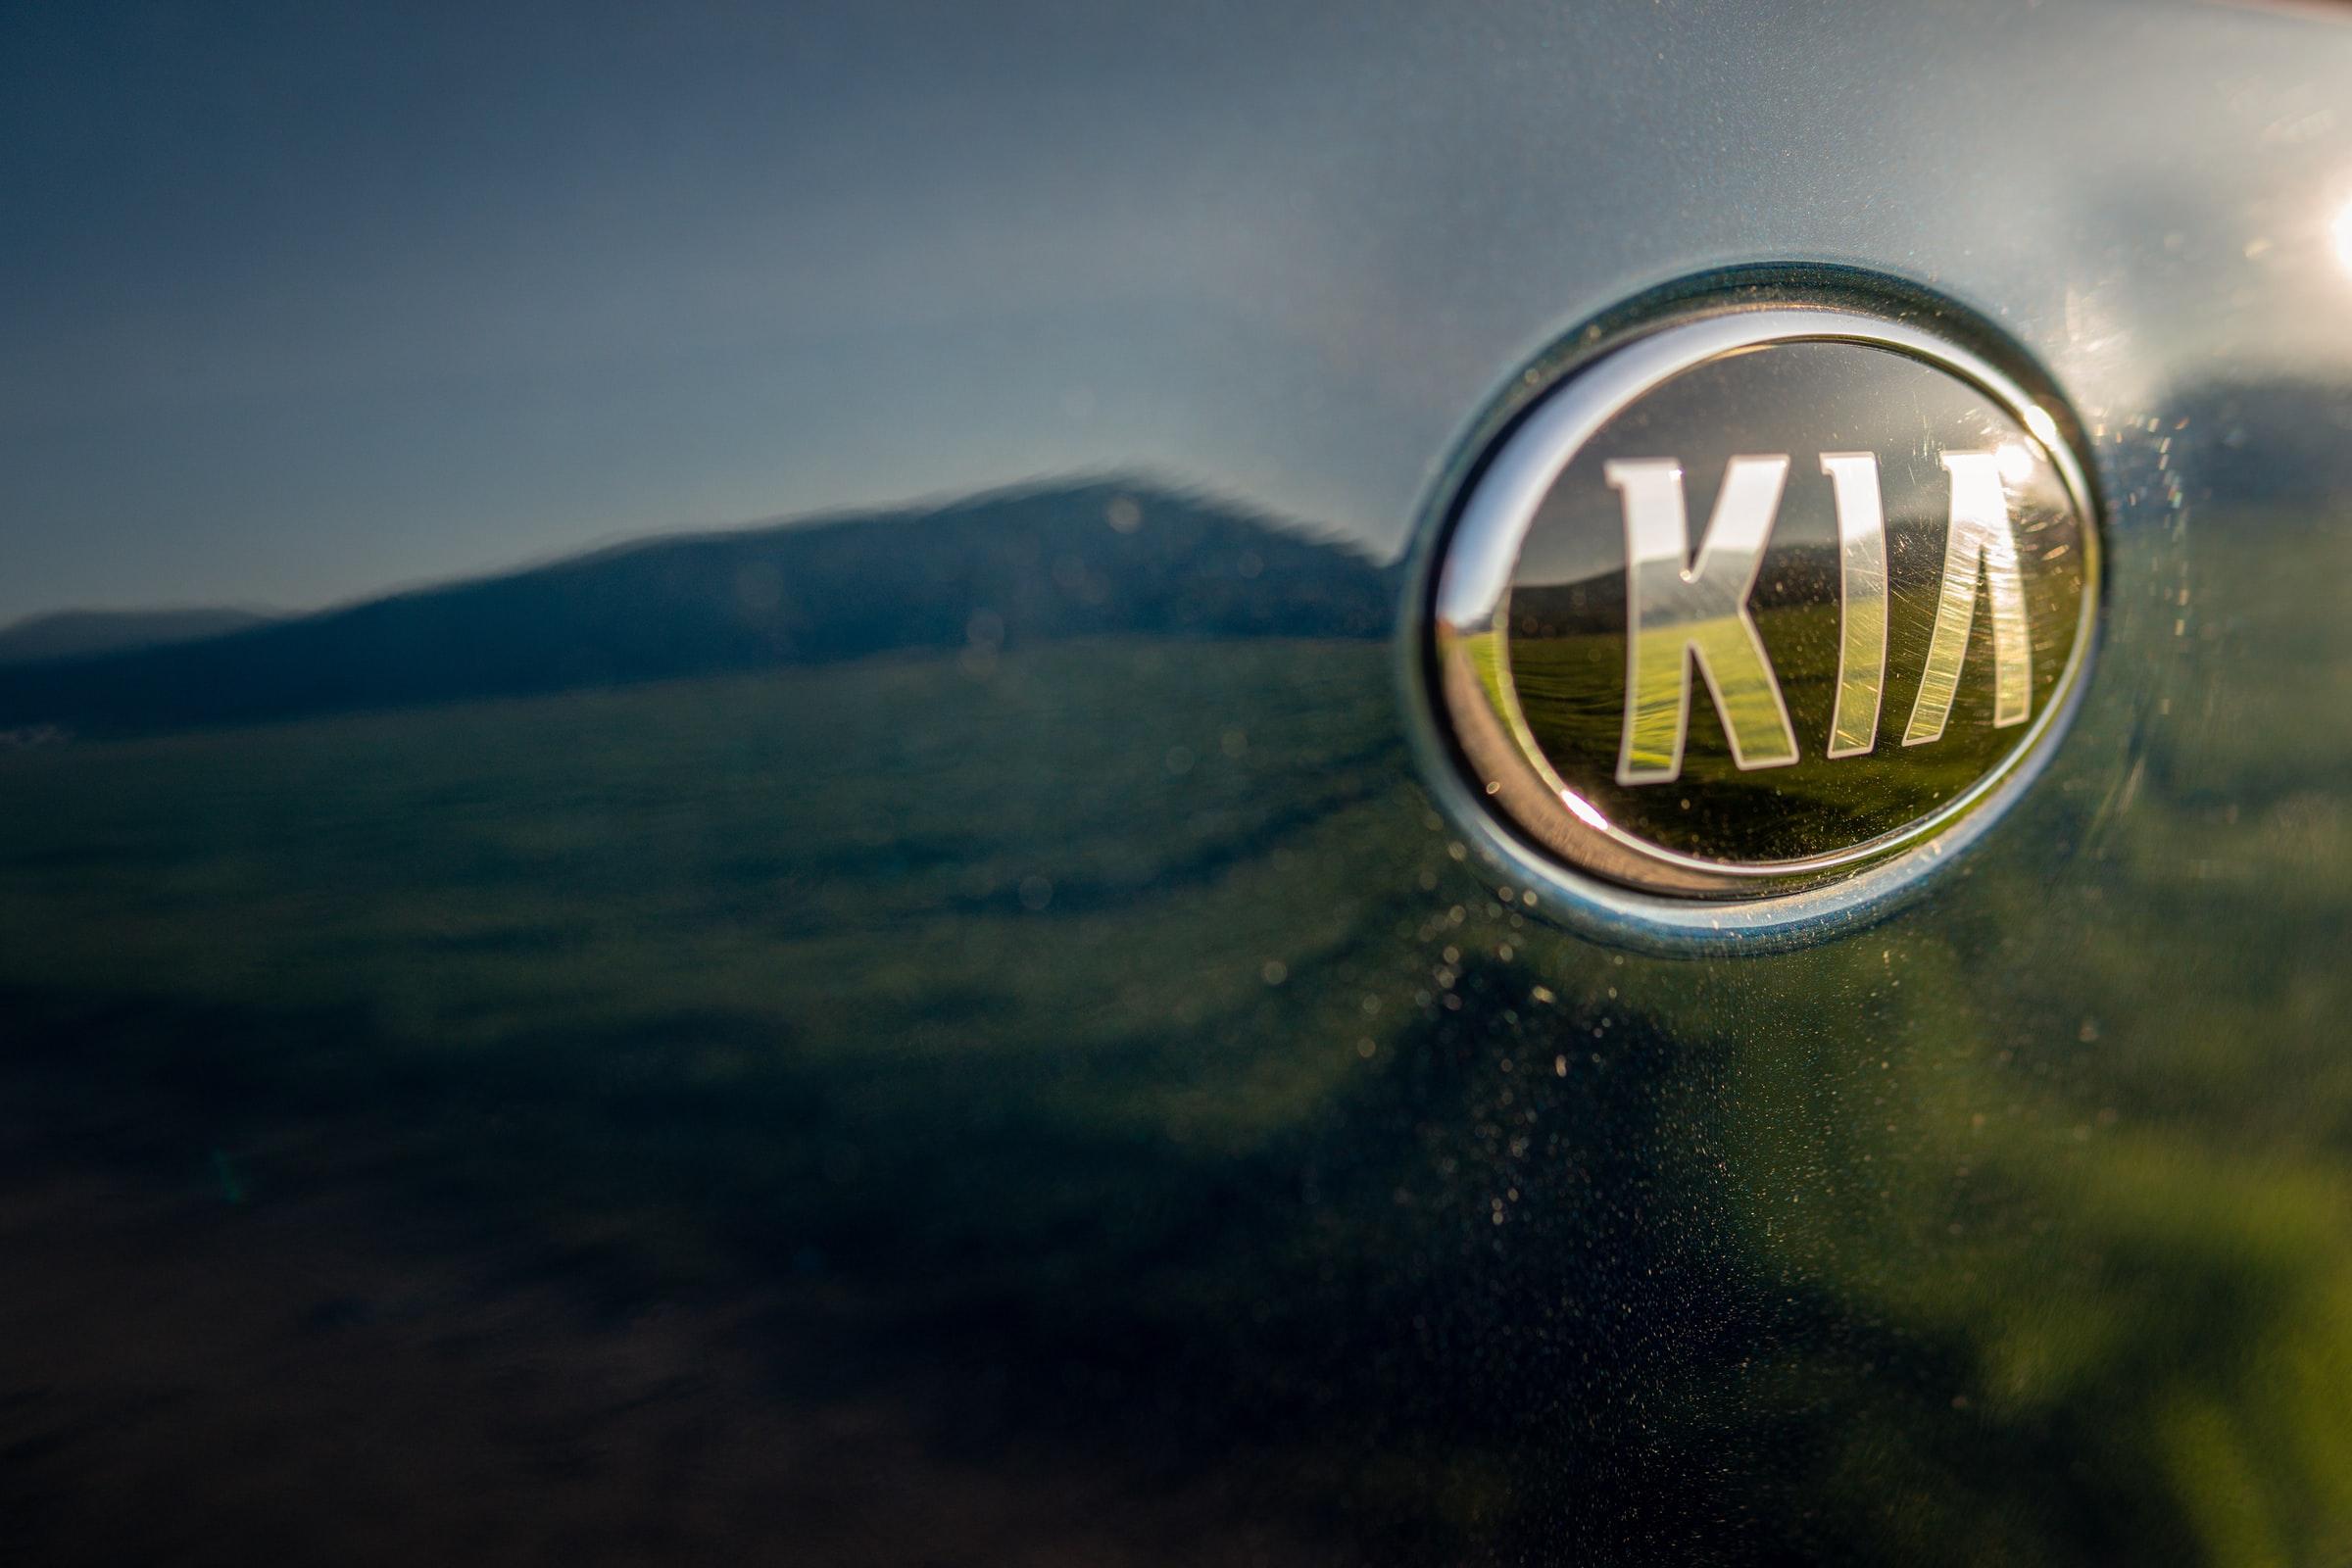 Kia Recalls 308,000 Cars Because Of A Risky Fire Problem